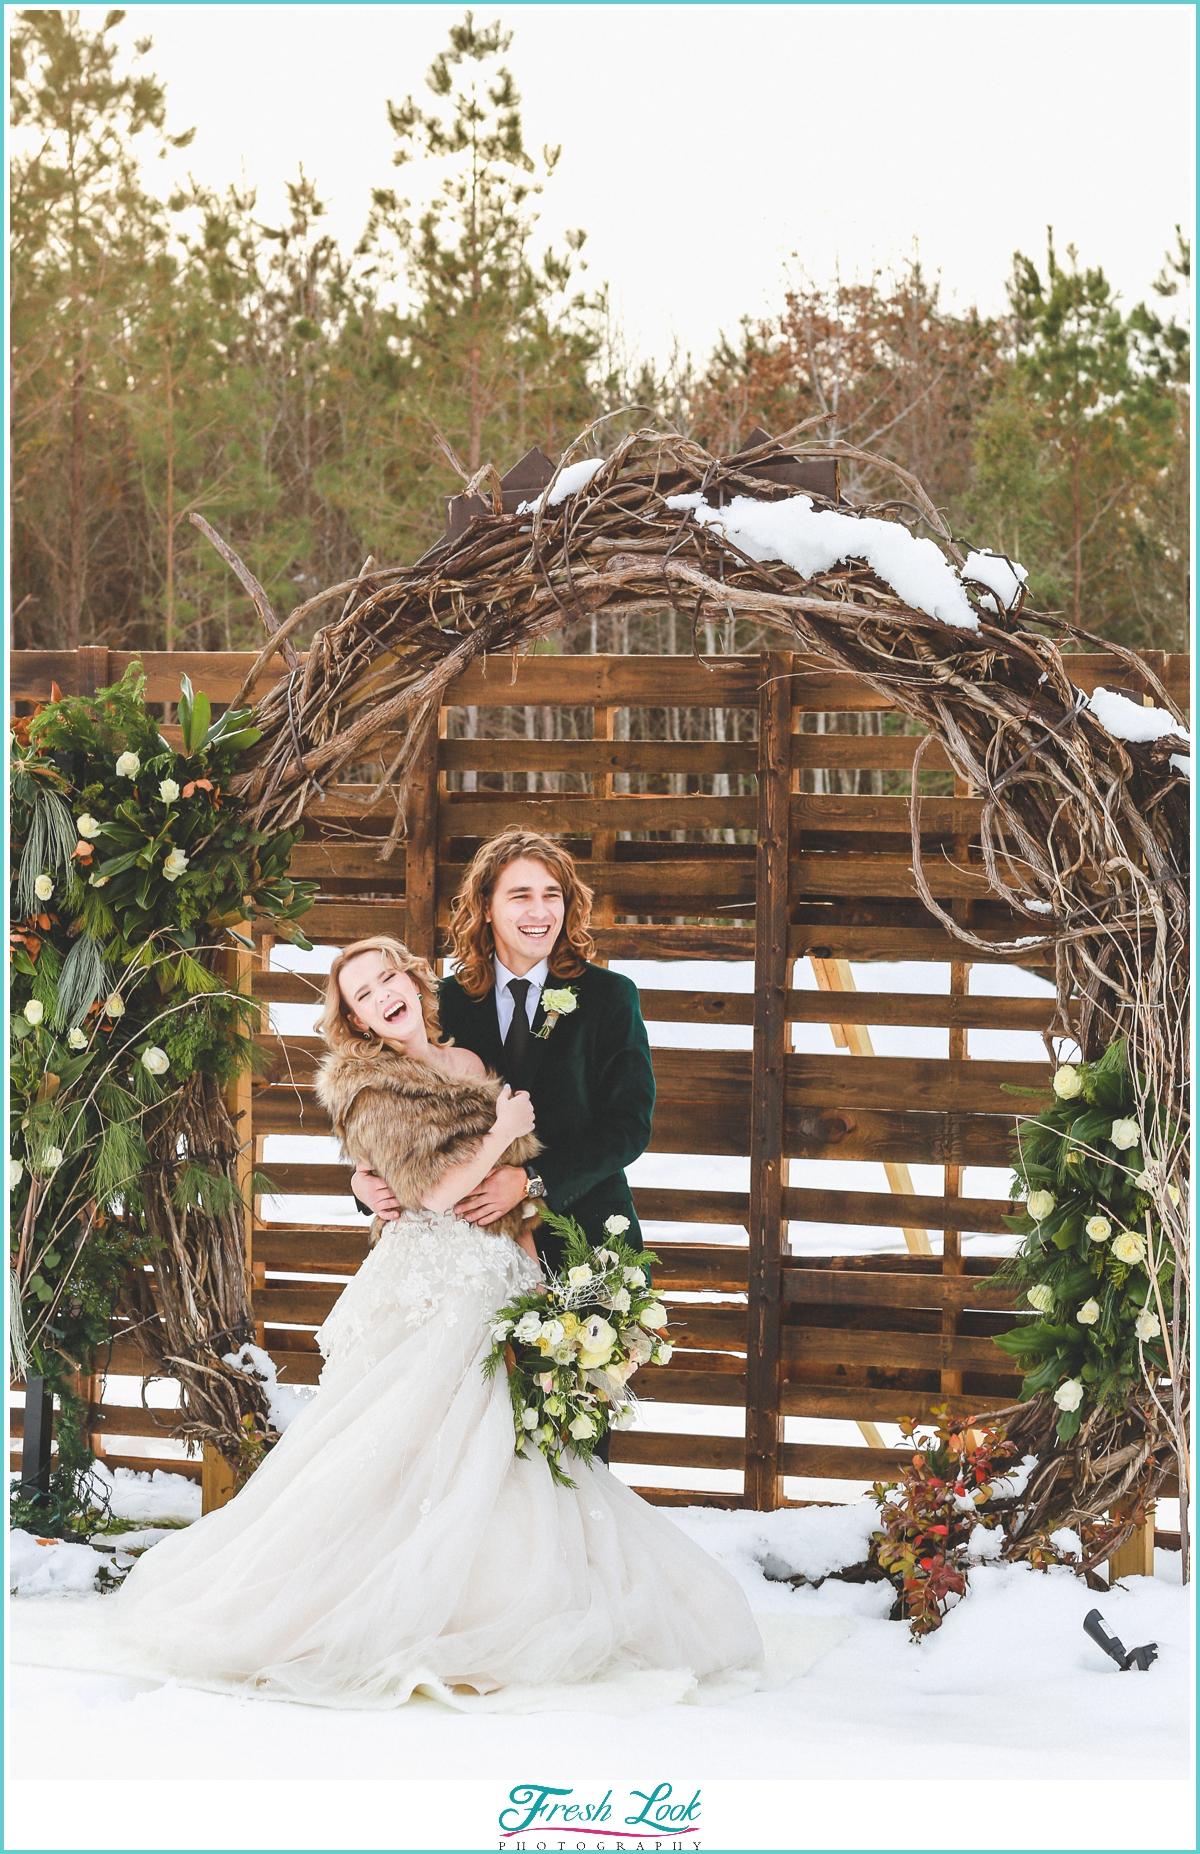 Joyful Bride and Groom portraits